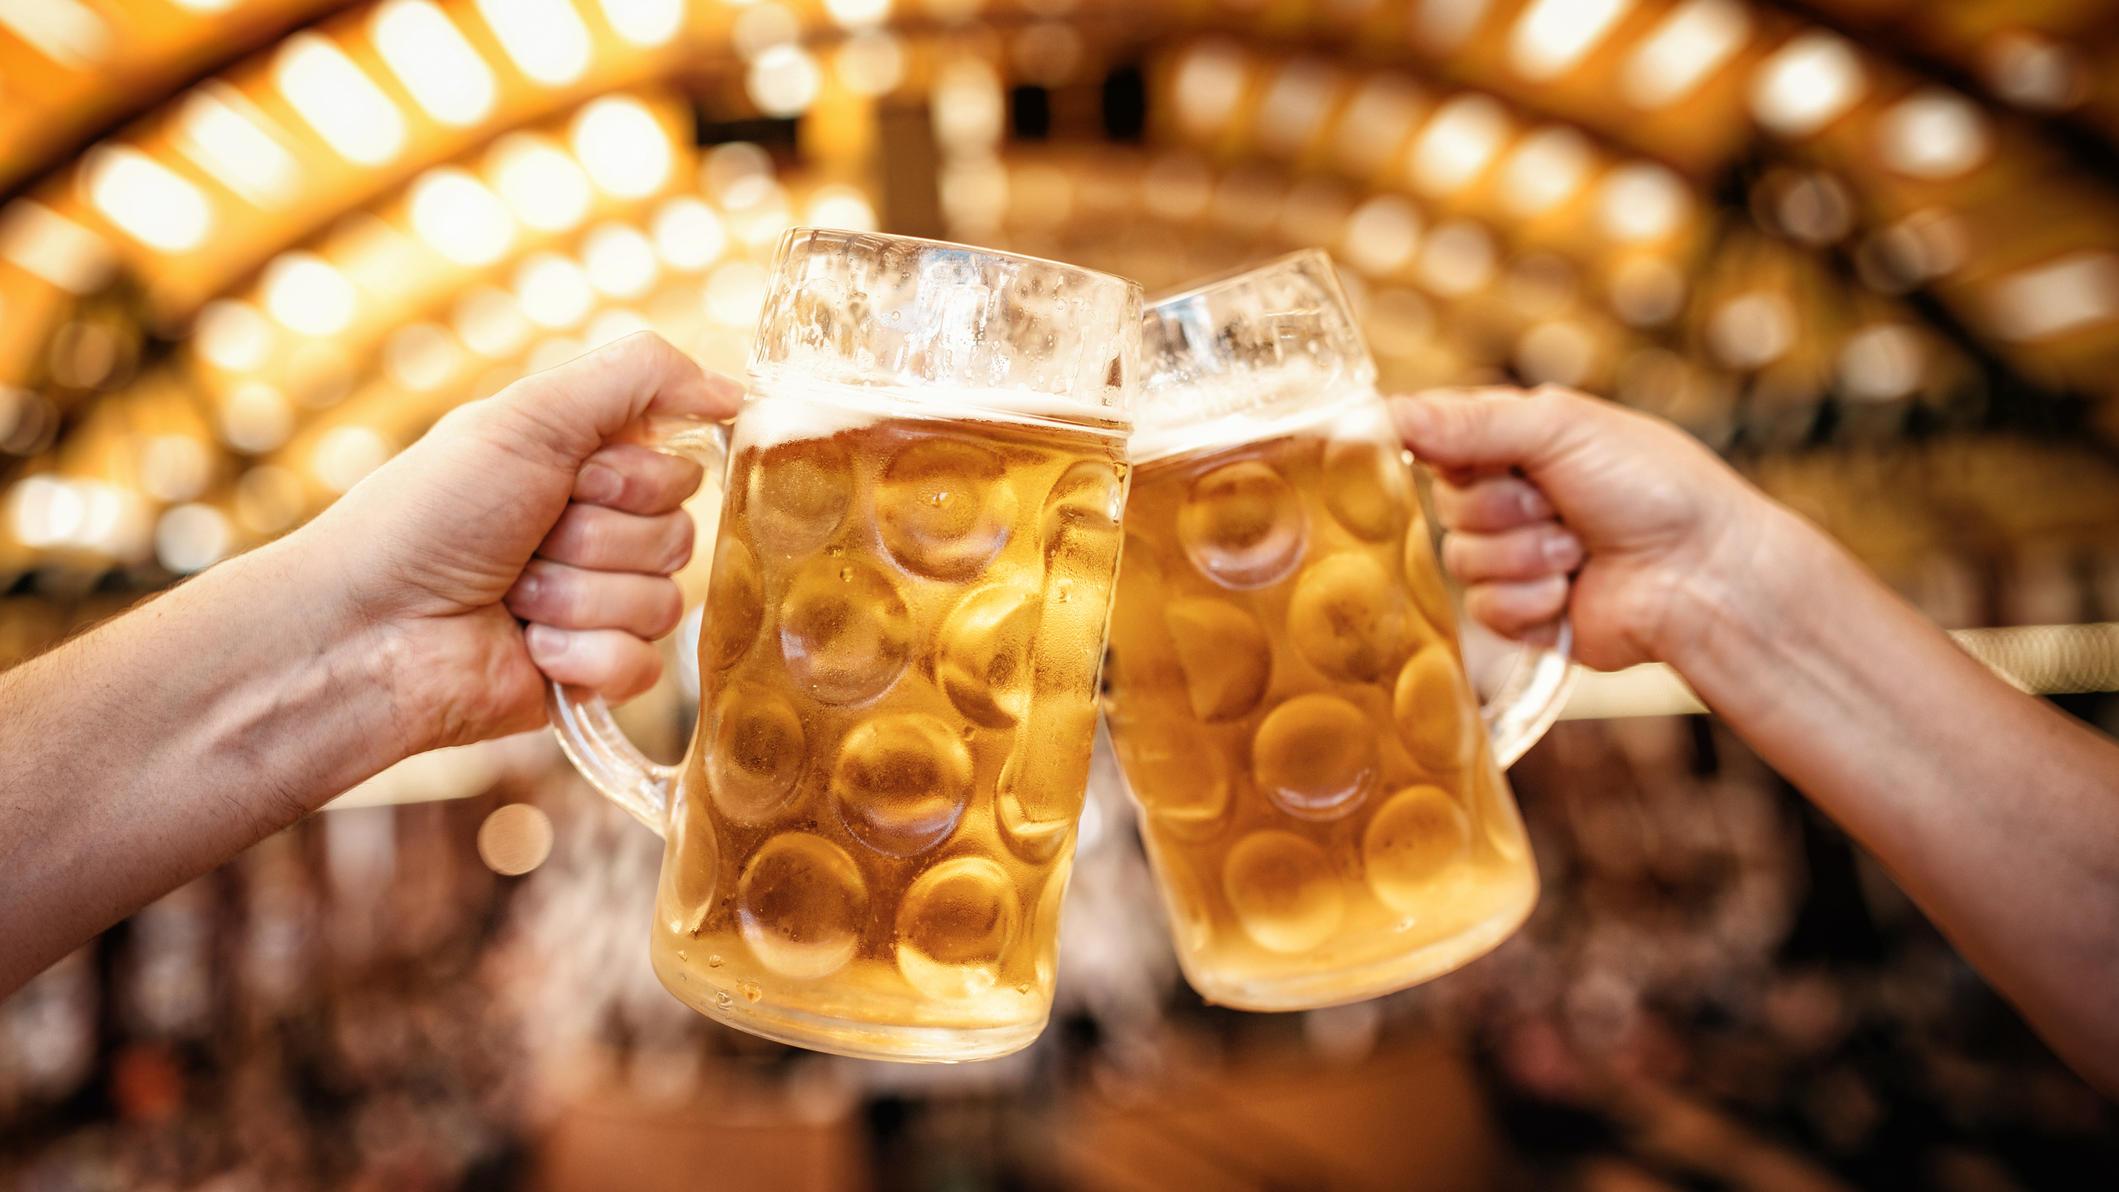 So viel kostet eine Maß Bier auf dem Oktoberfest